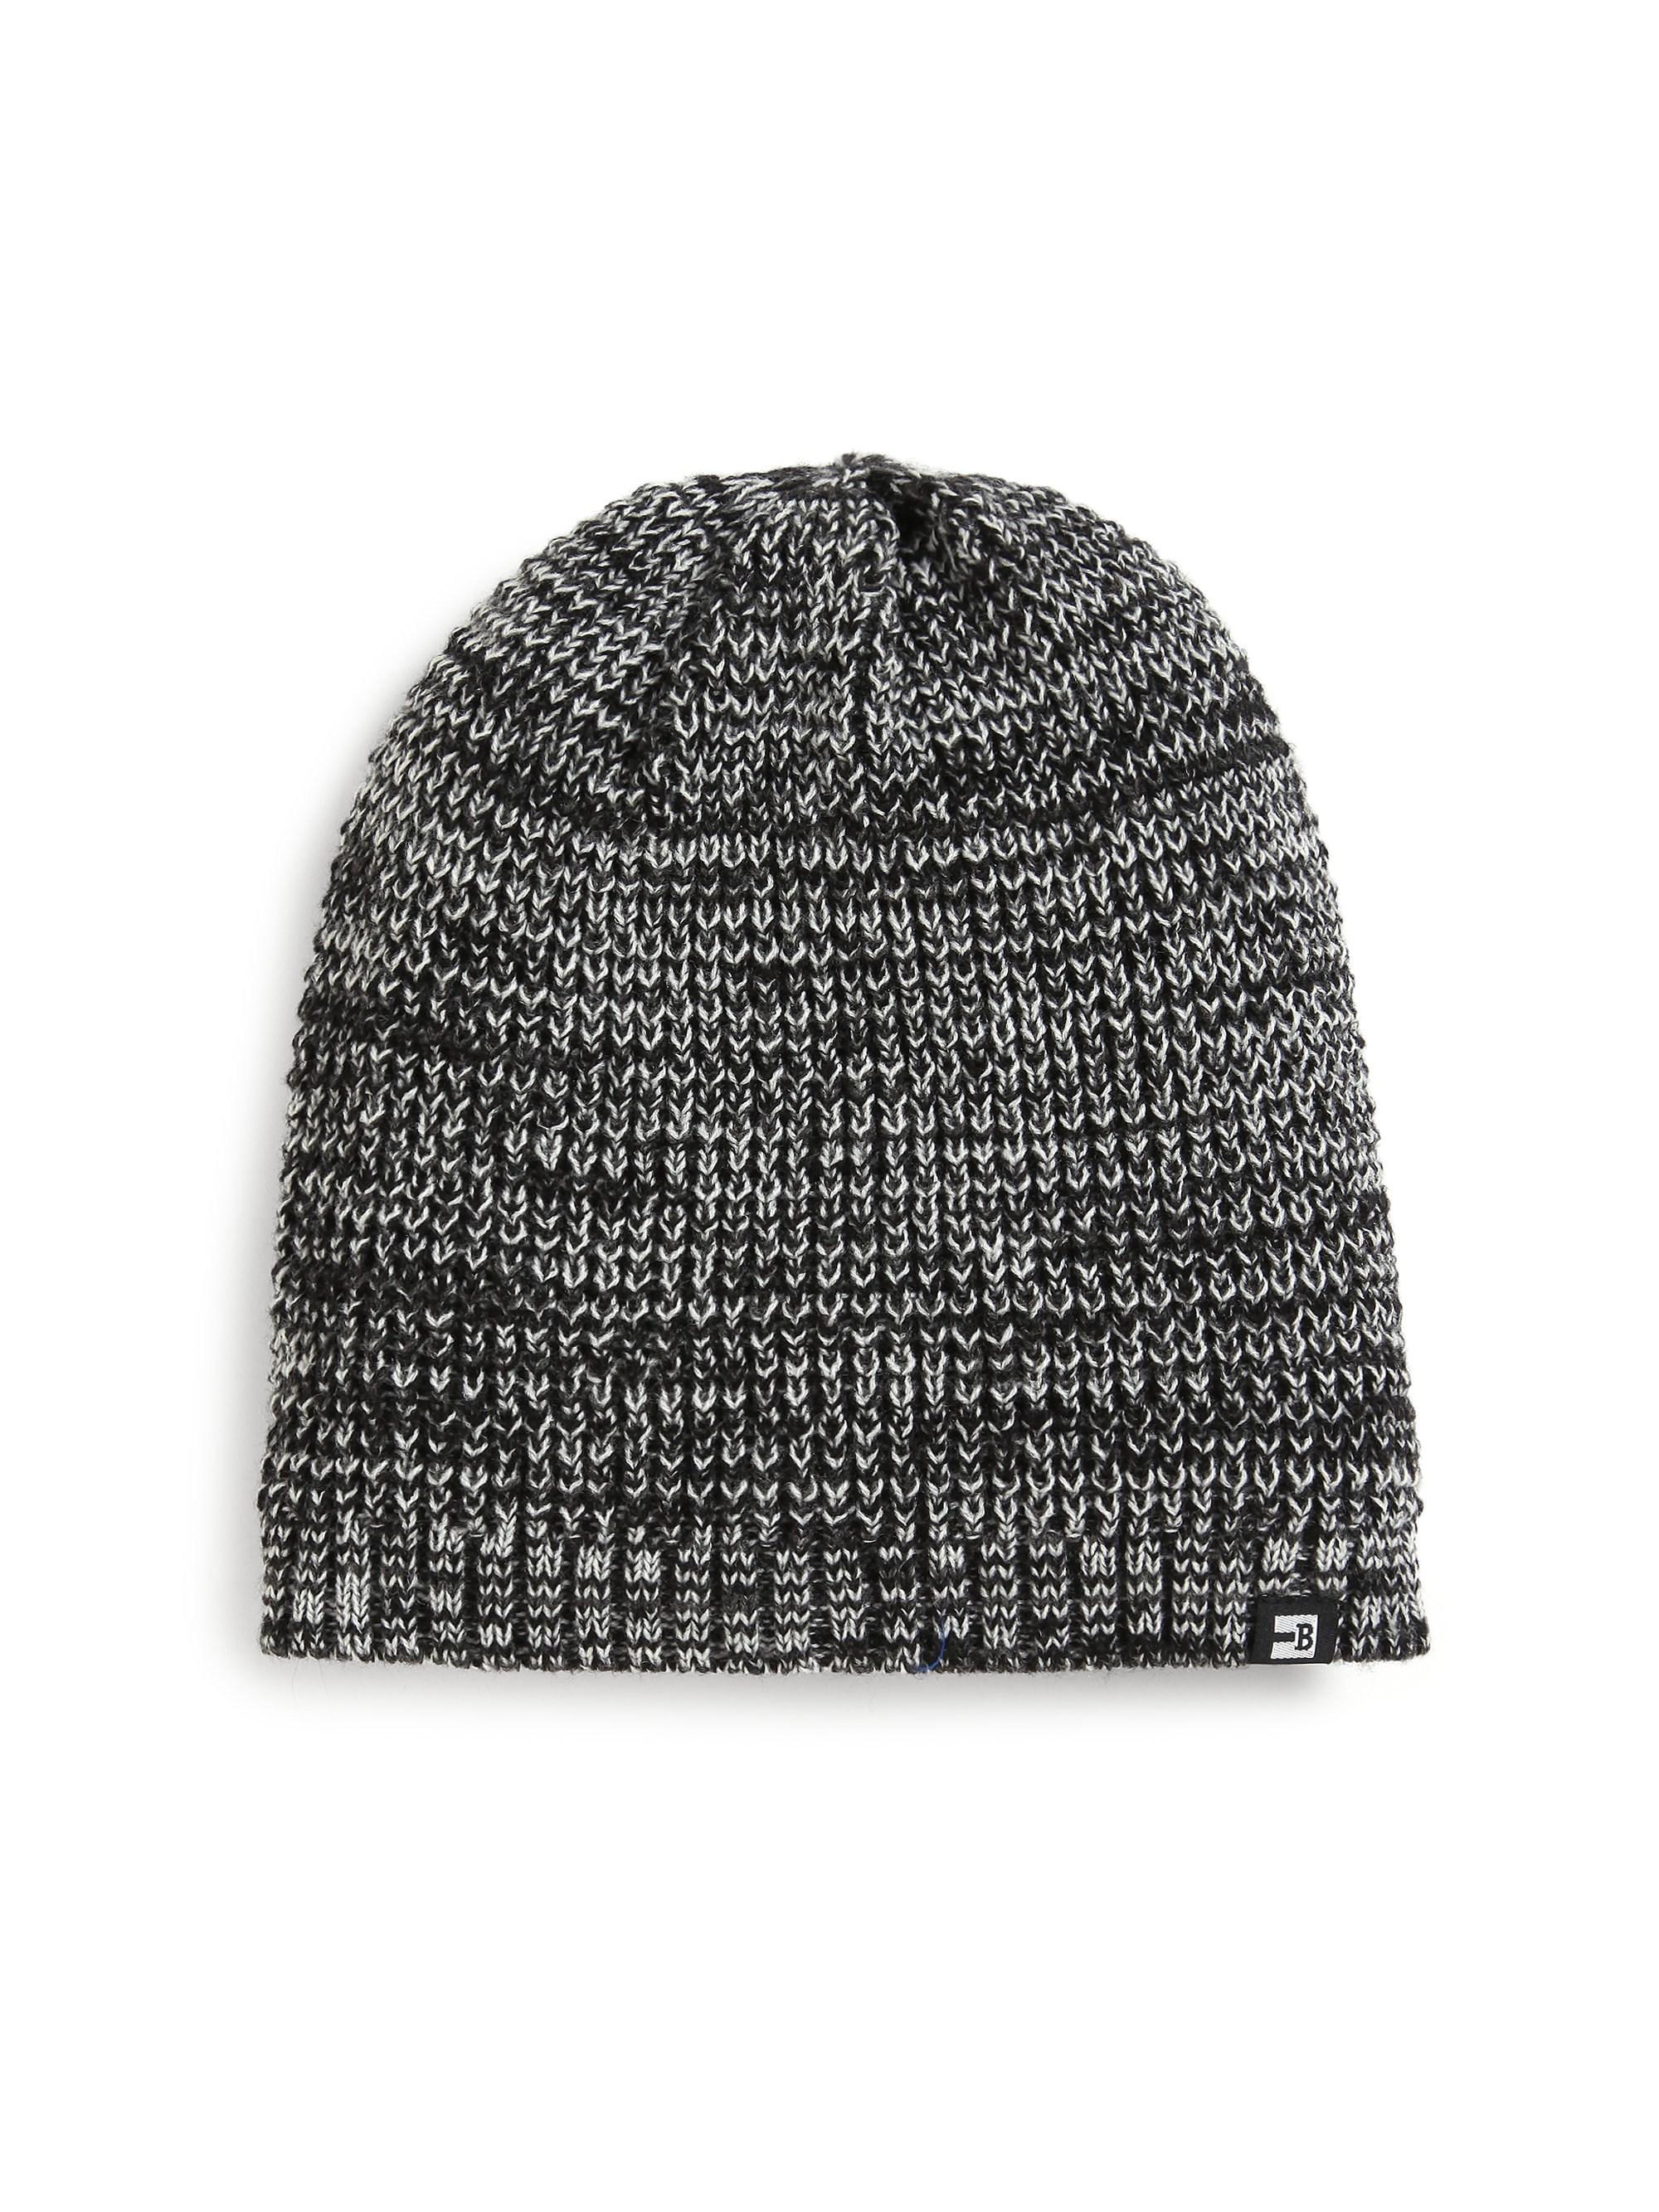 40beacffeea106 Block Headwear Marled Knit Beanie in Black for Men - Lyst